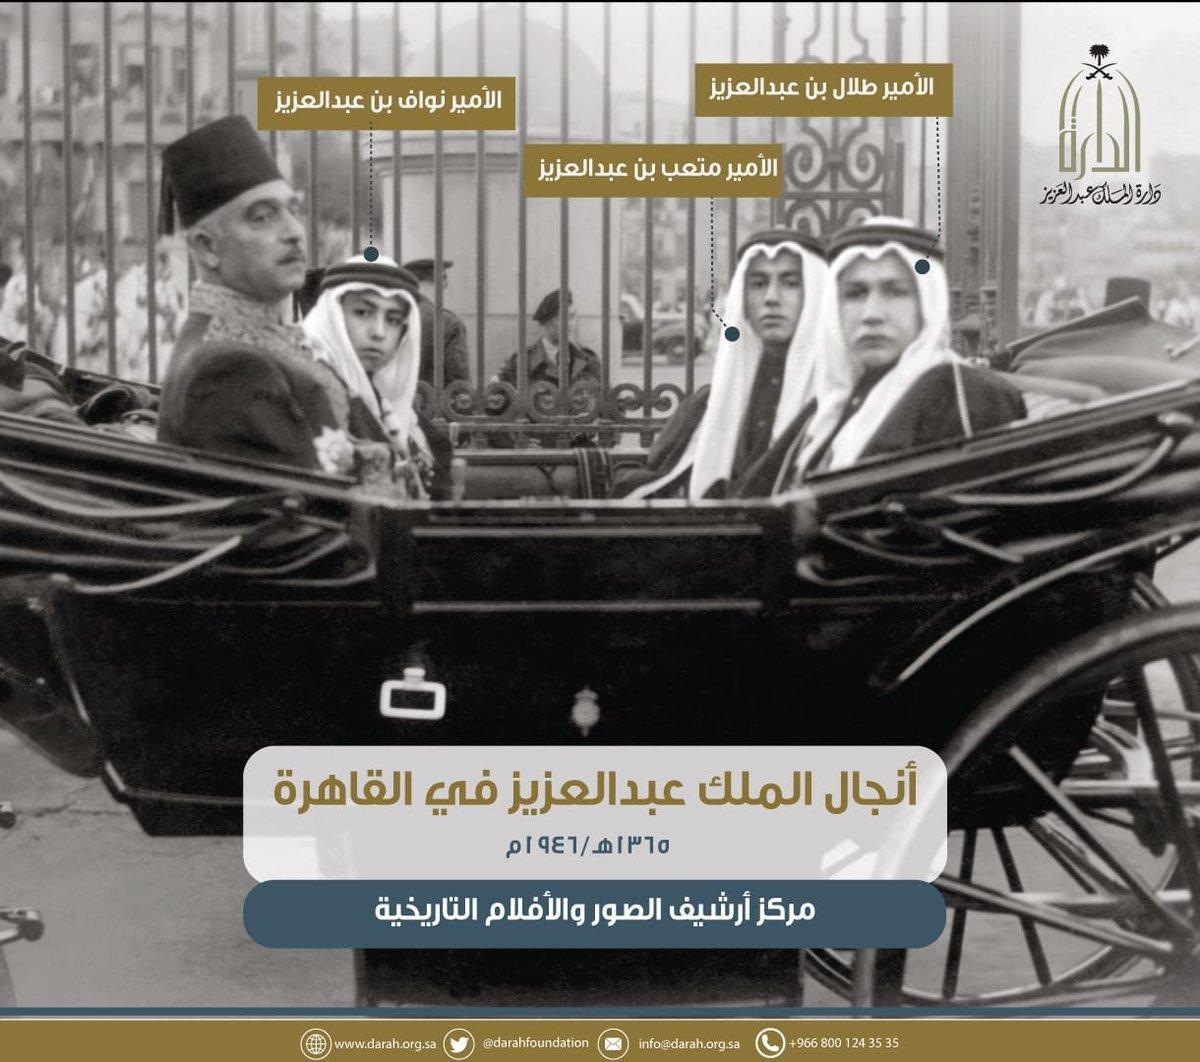 Historical photos of Saudi